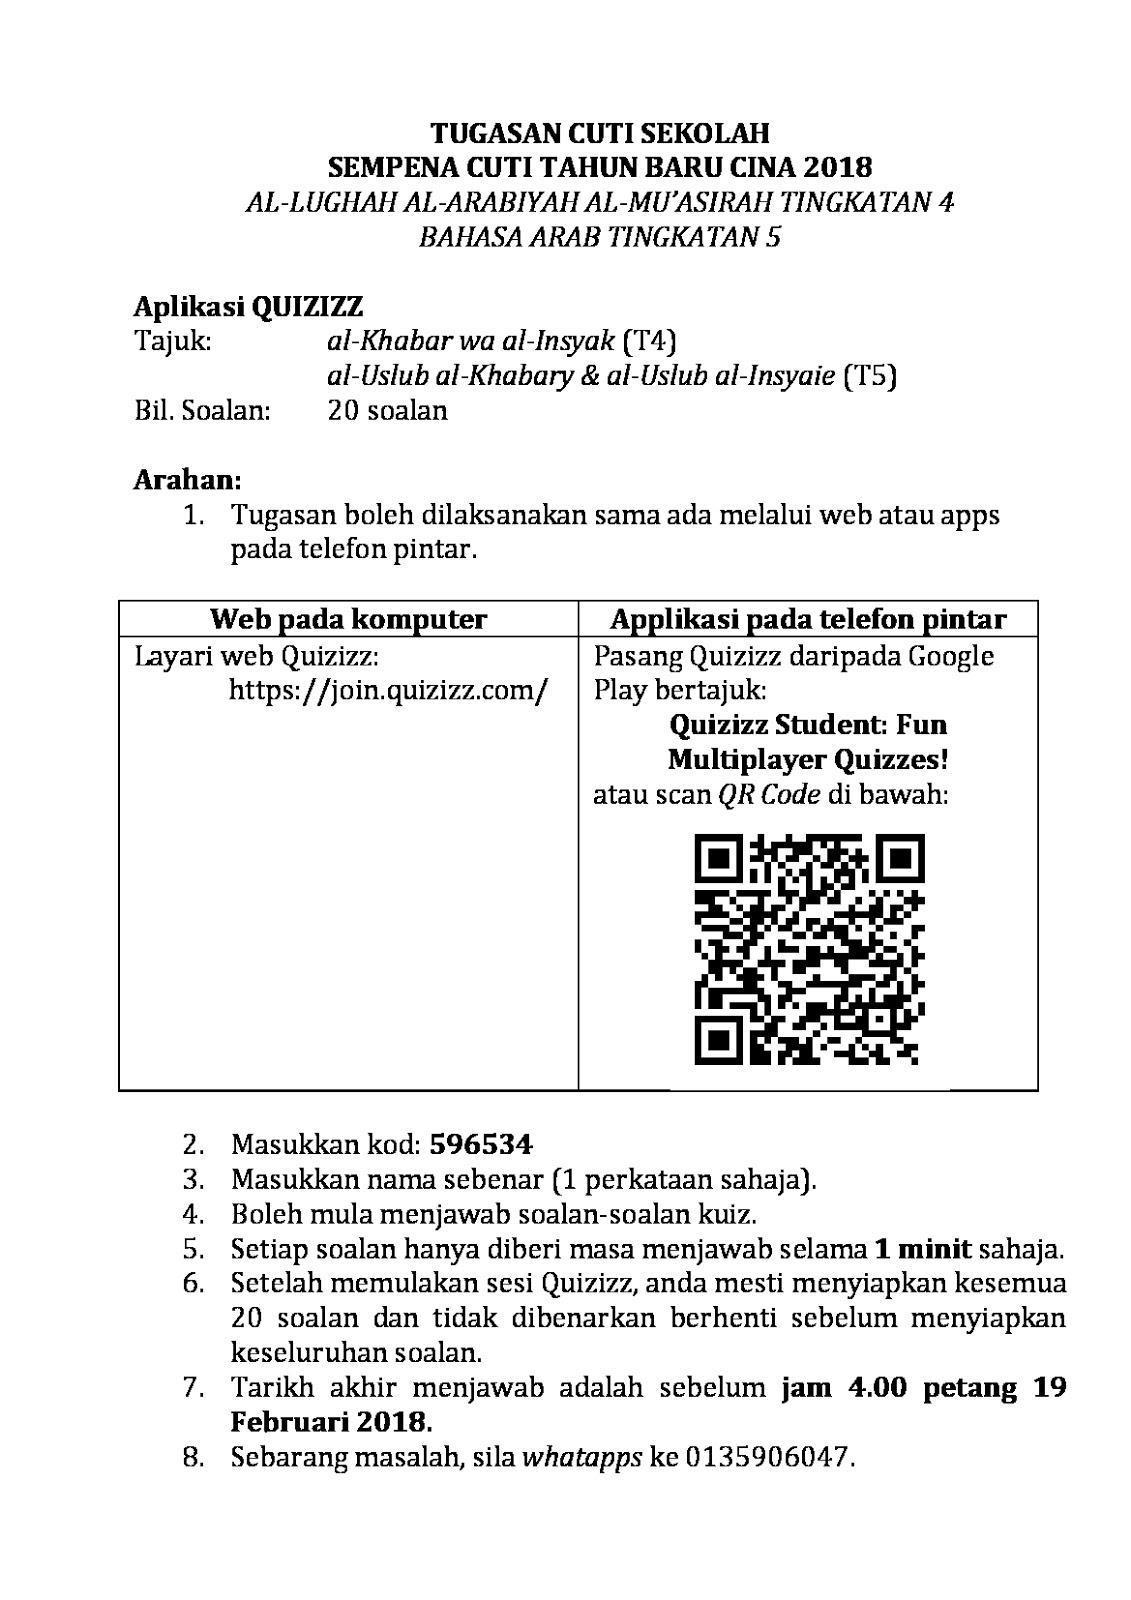 Bahasasyurga.net: PAK21 Quizizz (Homework) dalam PdPc